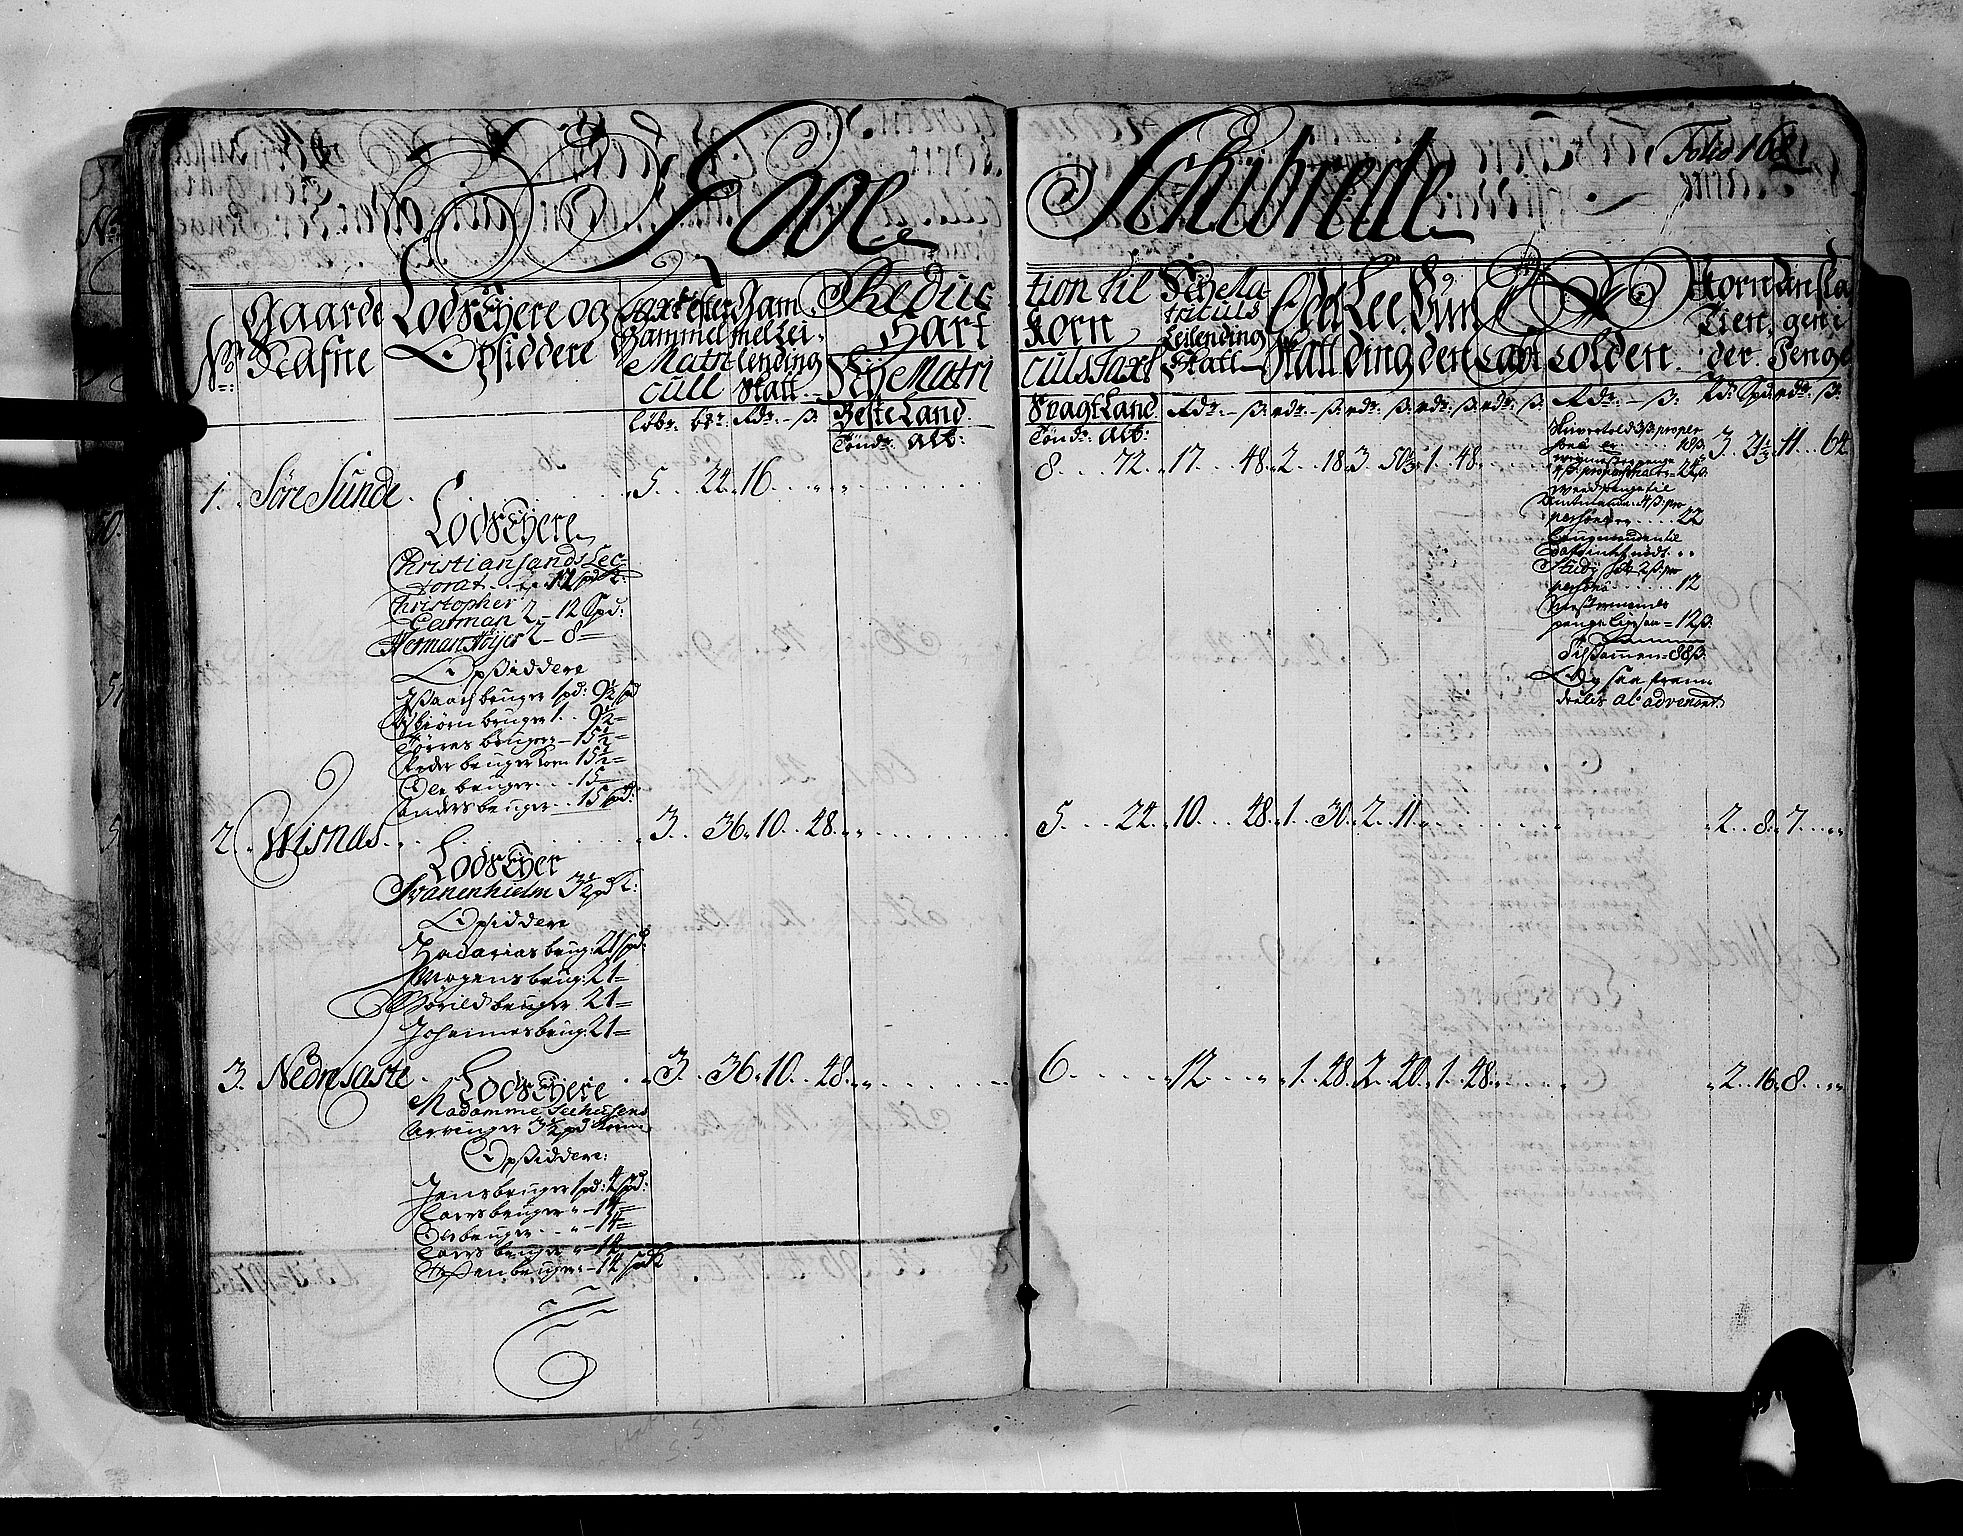 RA, Rentekammeret inntil 1814, Realistisk ordnet avdeling, N/Nb/Nbf/L0132: Jæren og Dalane matrikkelprotokoll, 1723, s. 167b-168a